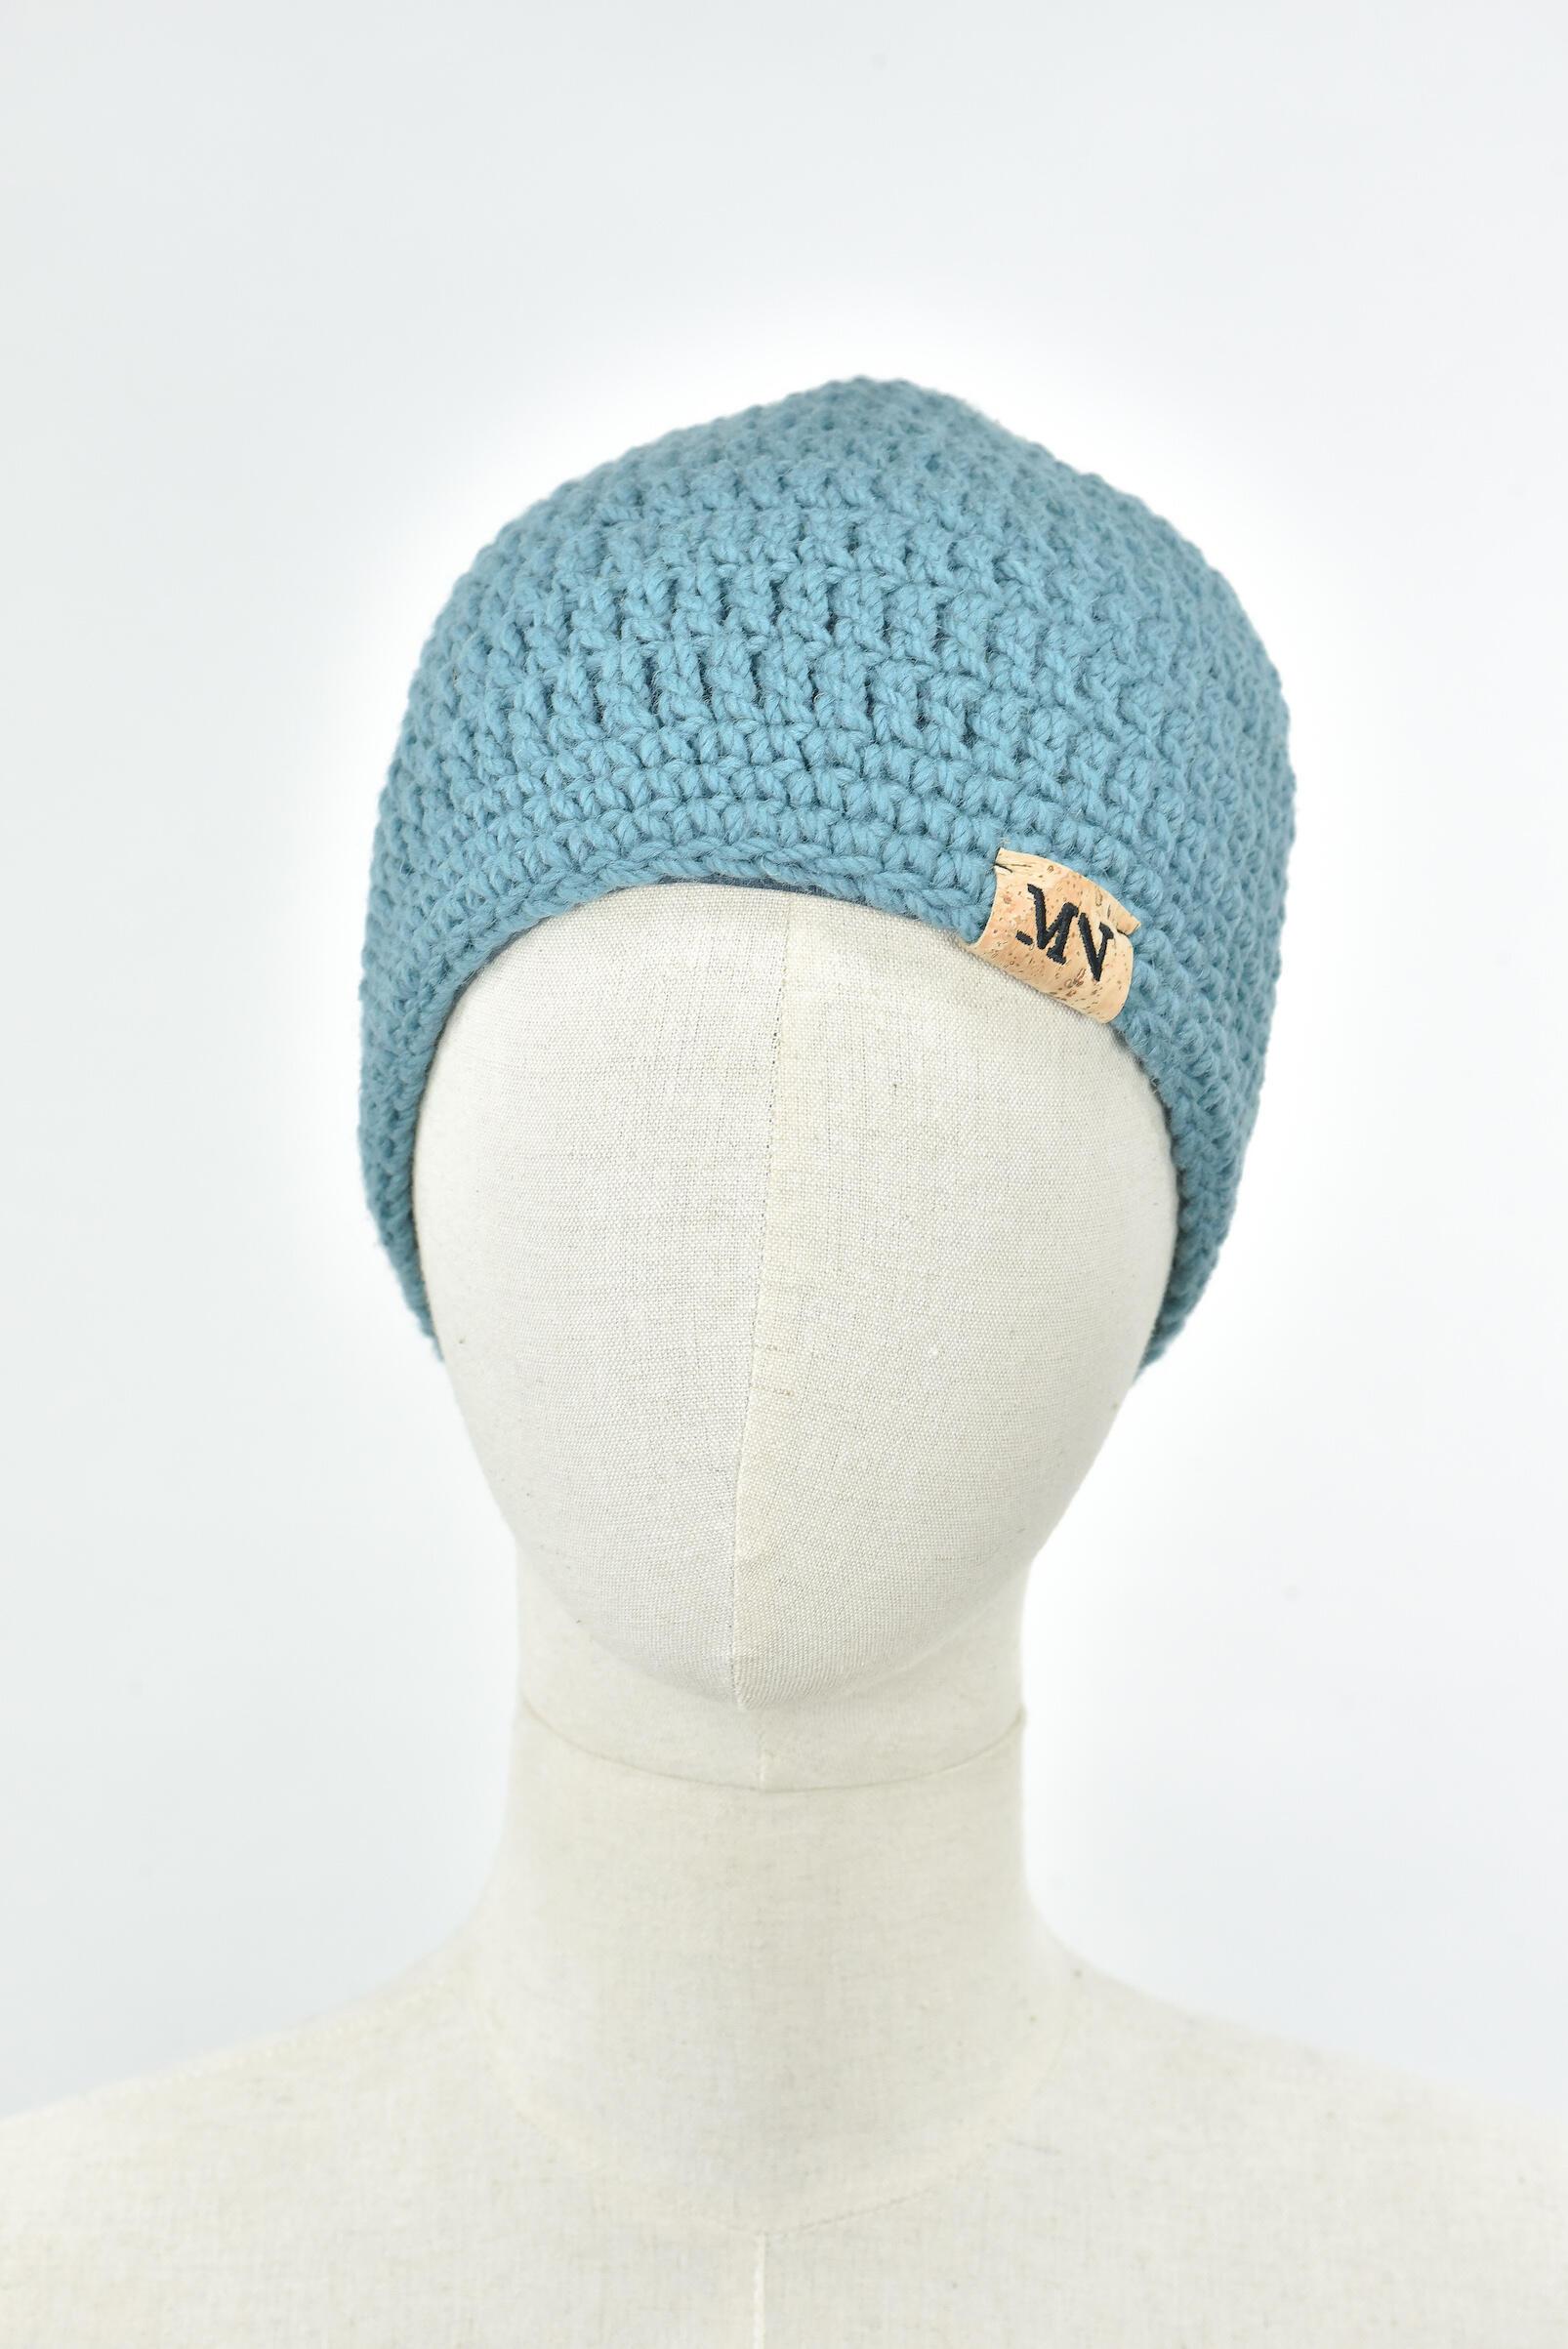 Bonnet Long MN - Bleu Clair 100% Laine